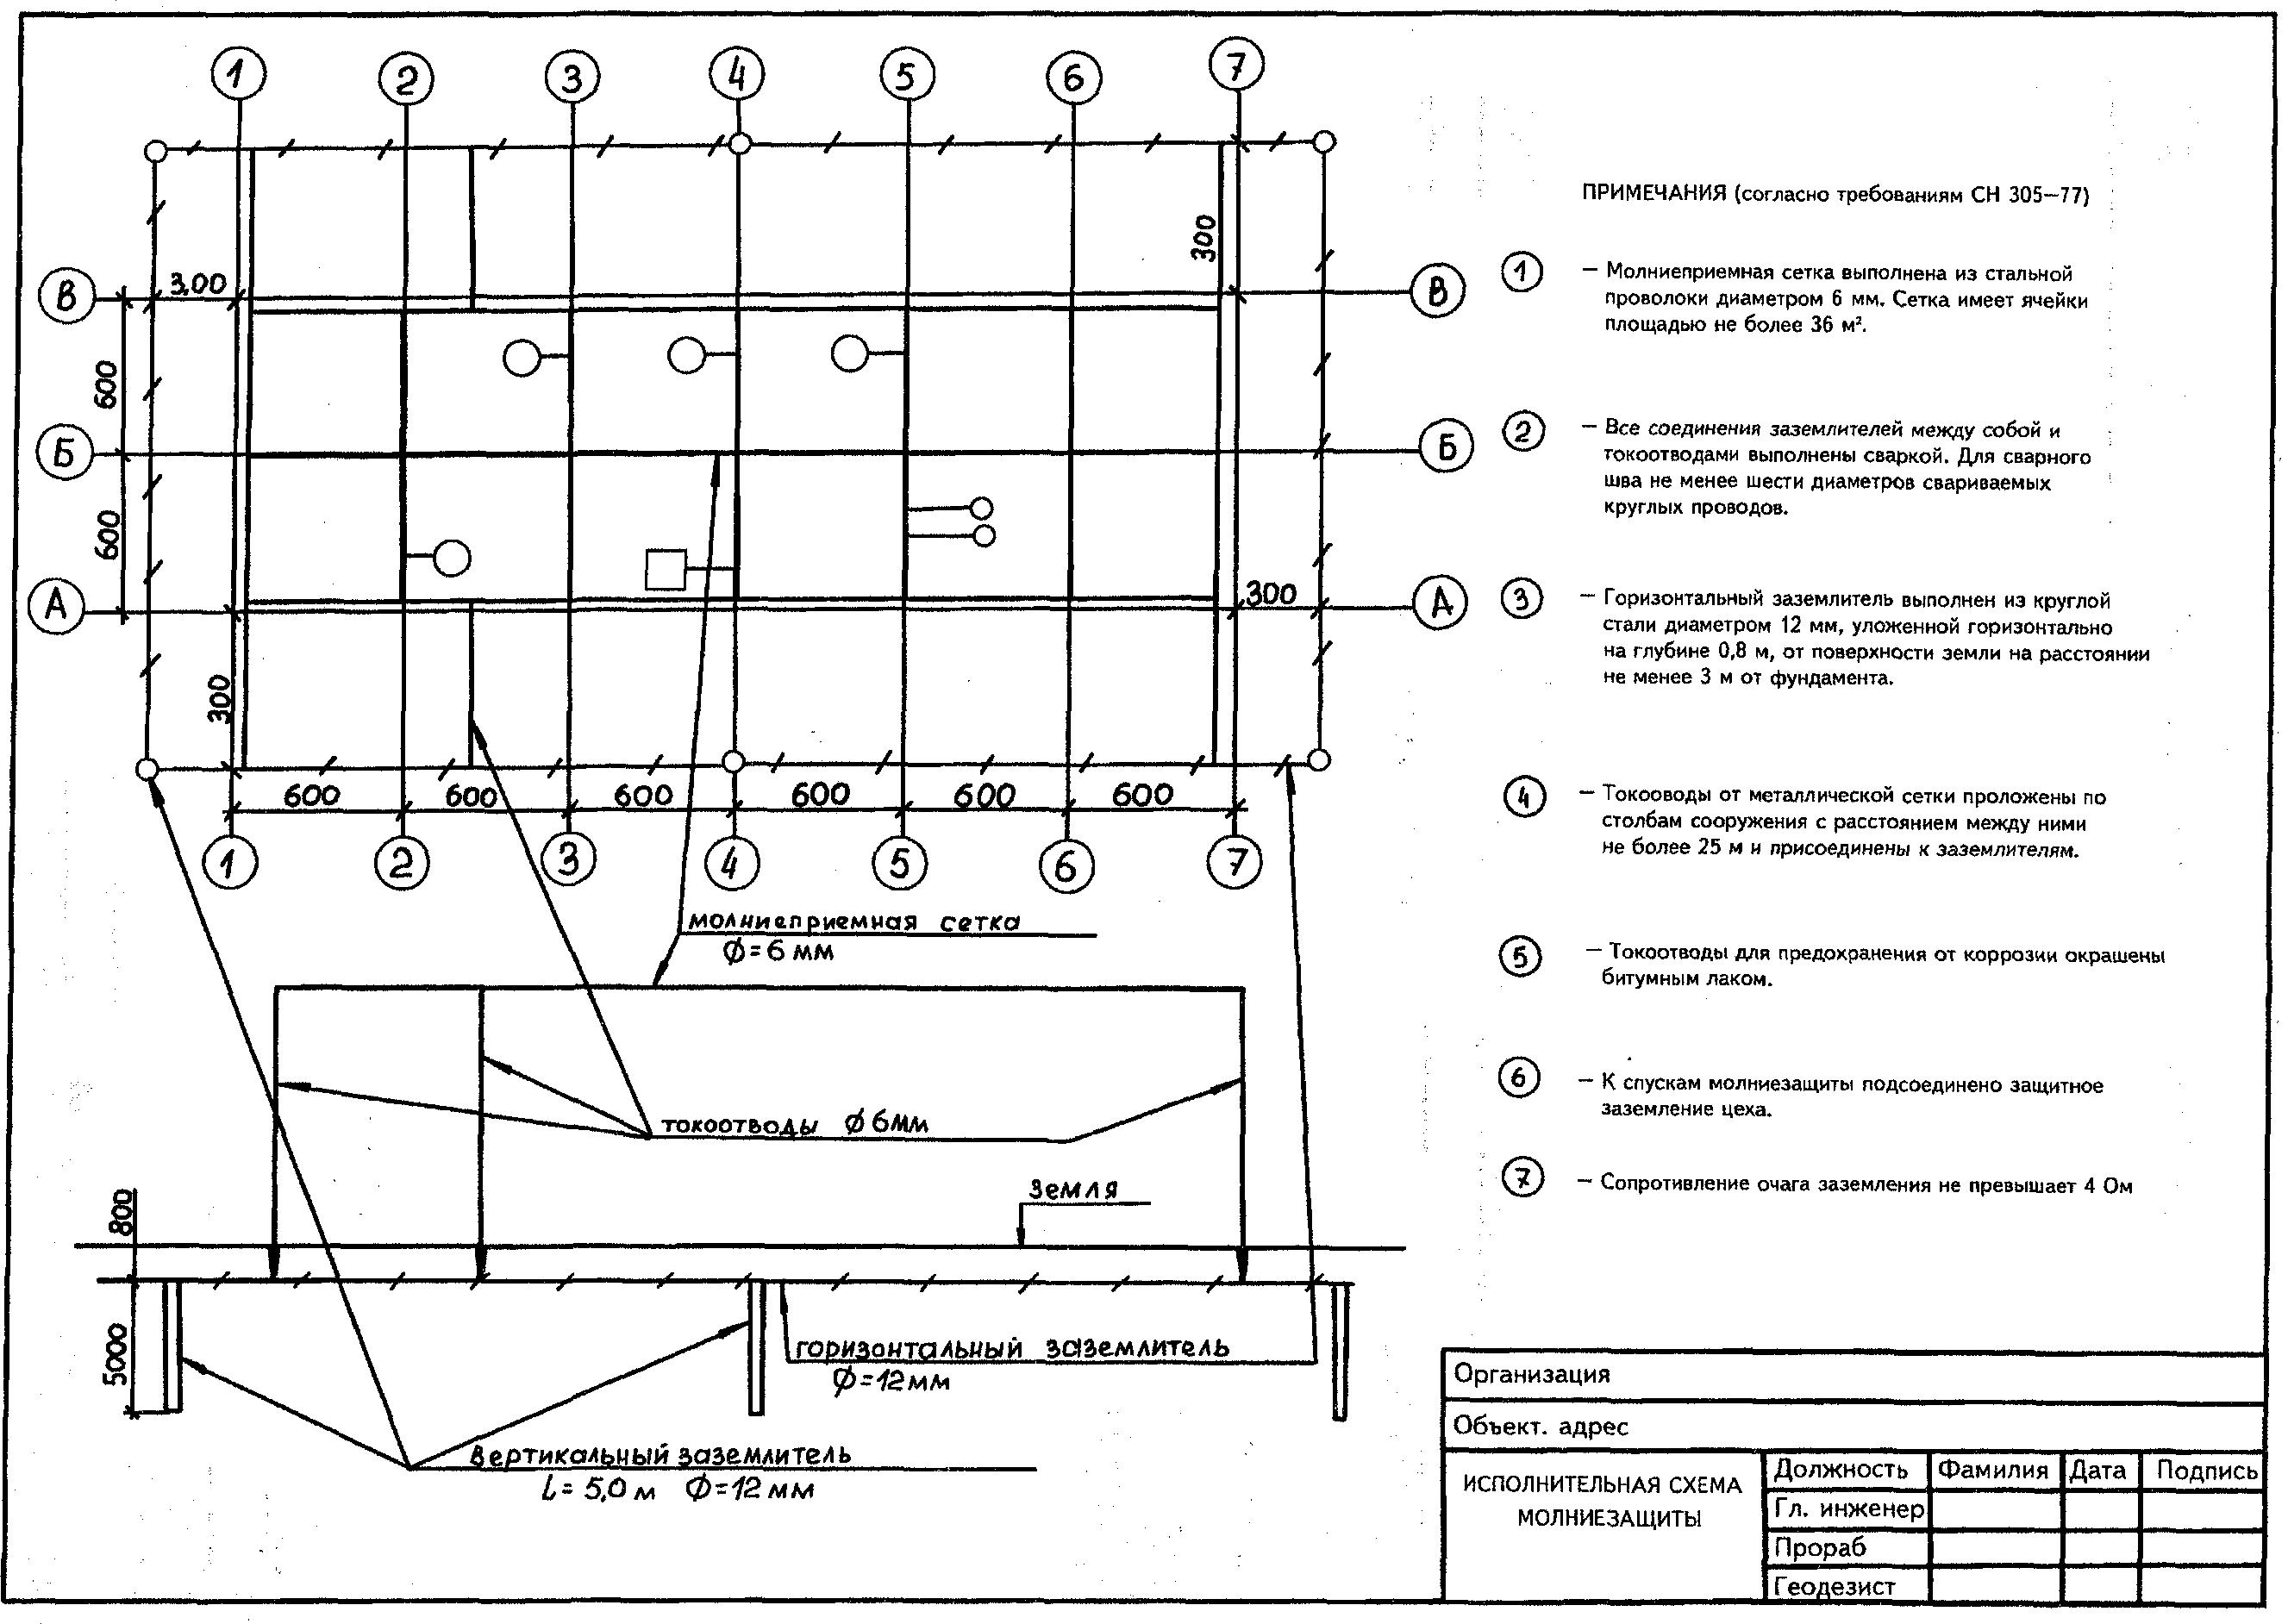 Исполнительная схема по котловану образец скачать